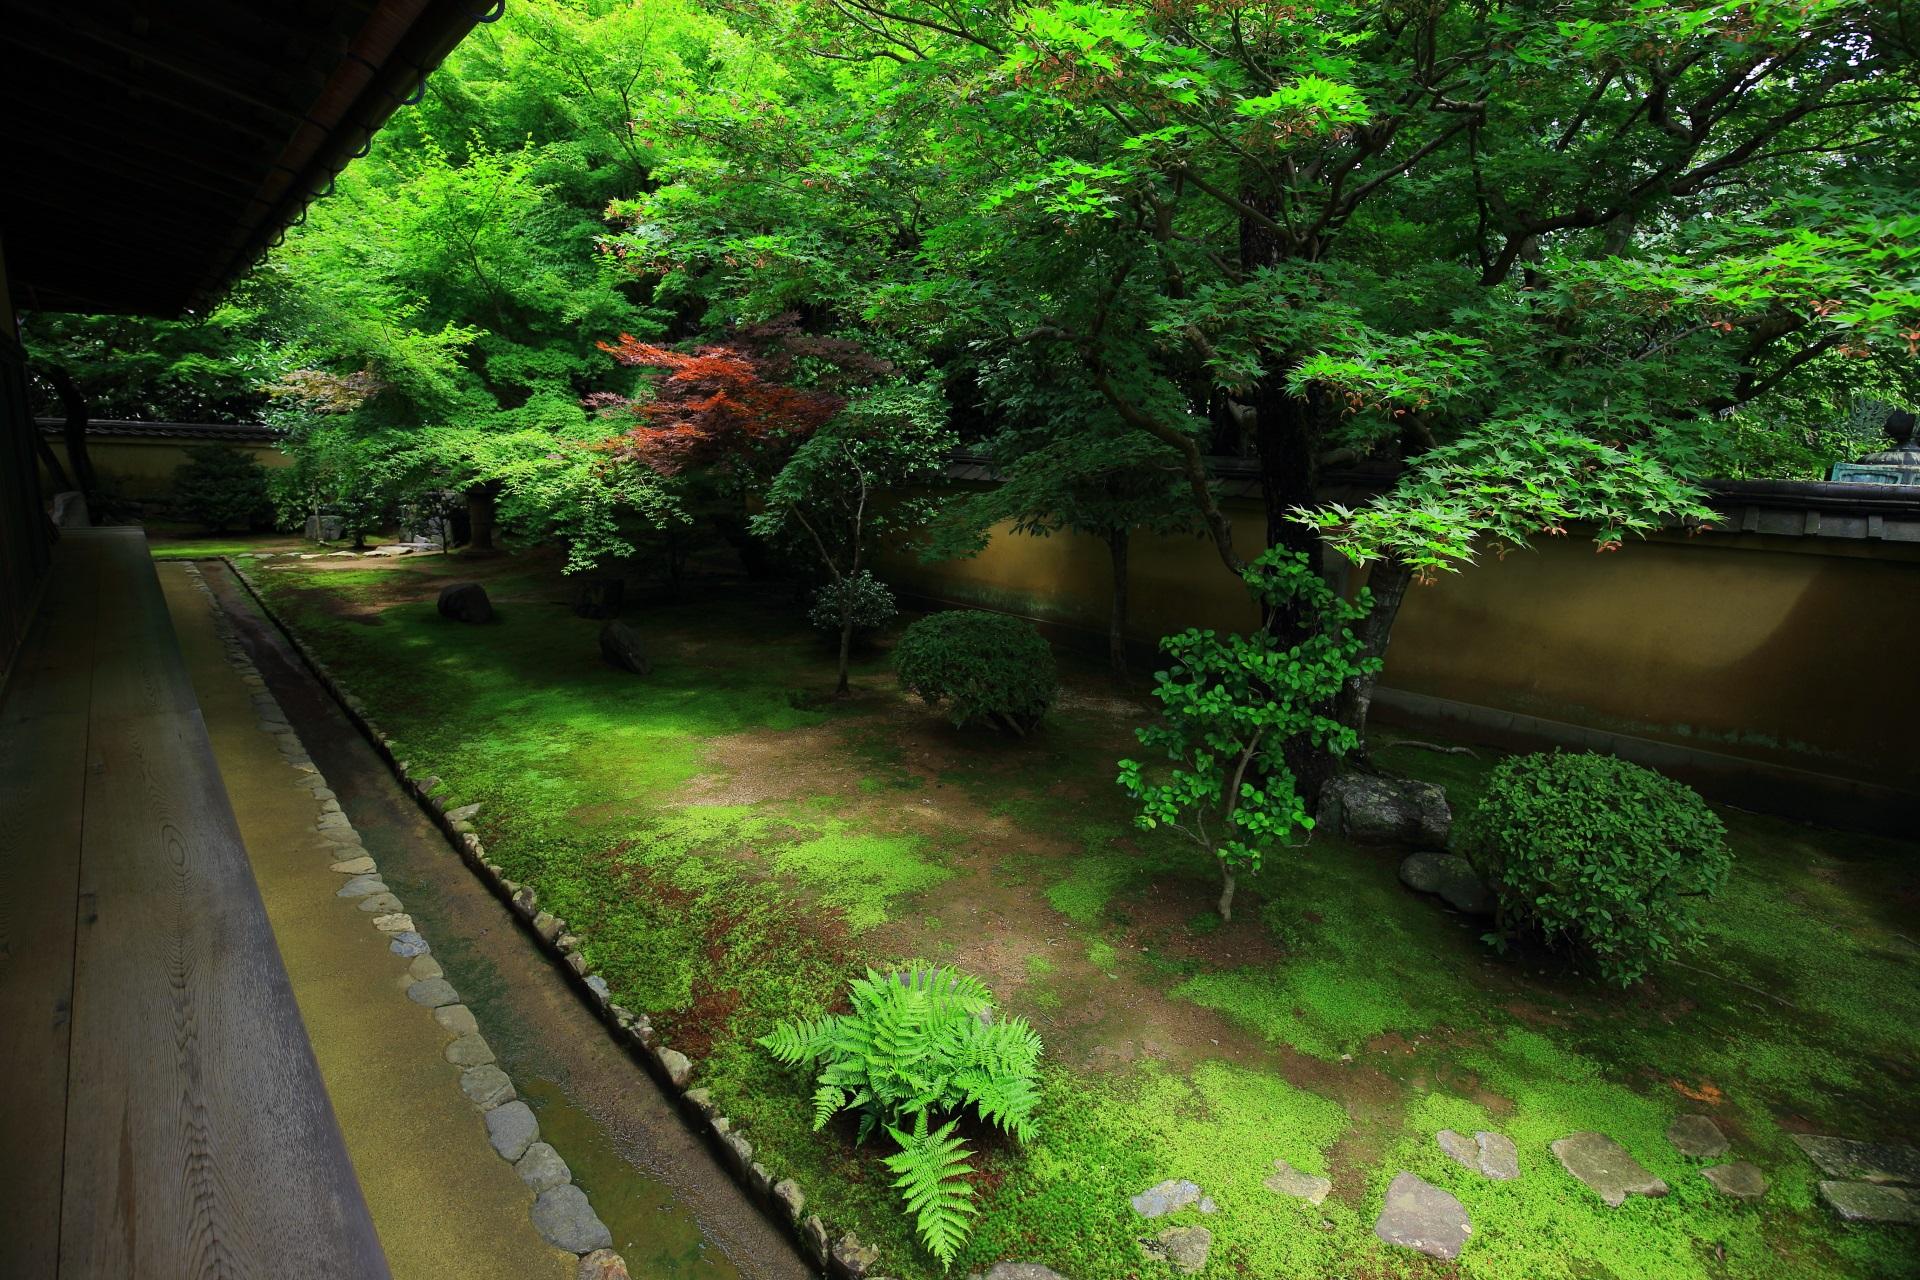 興臨院の素晴らしい庭園と情景